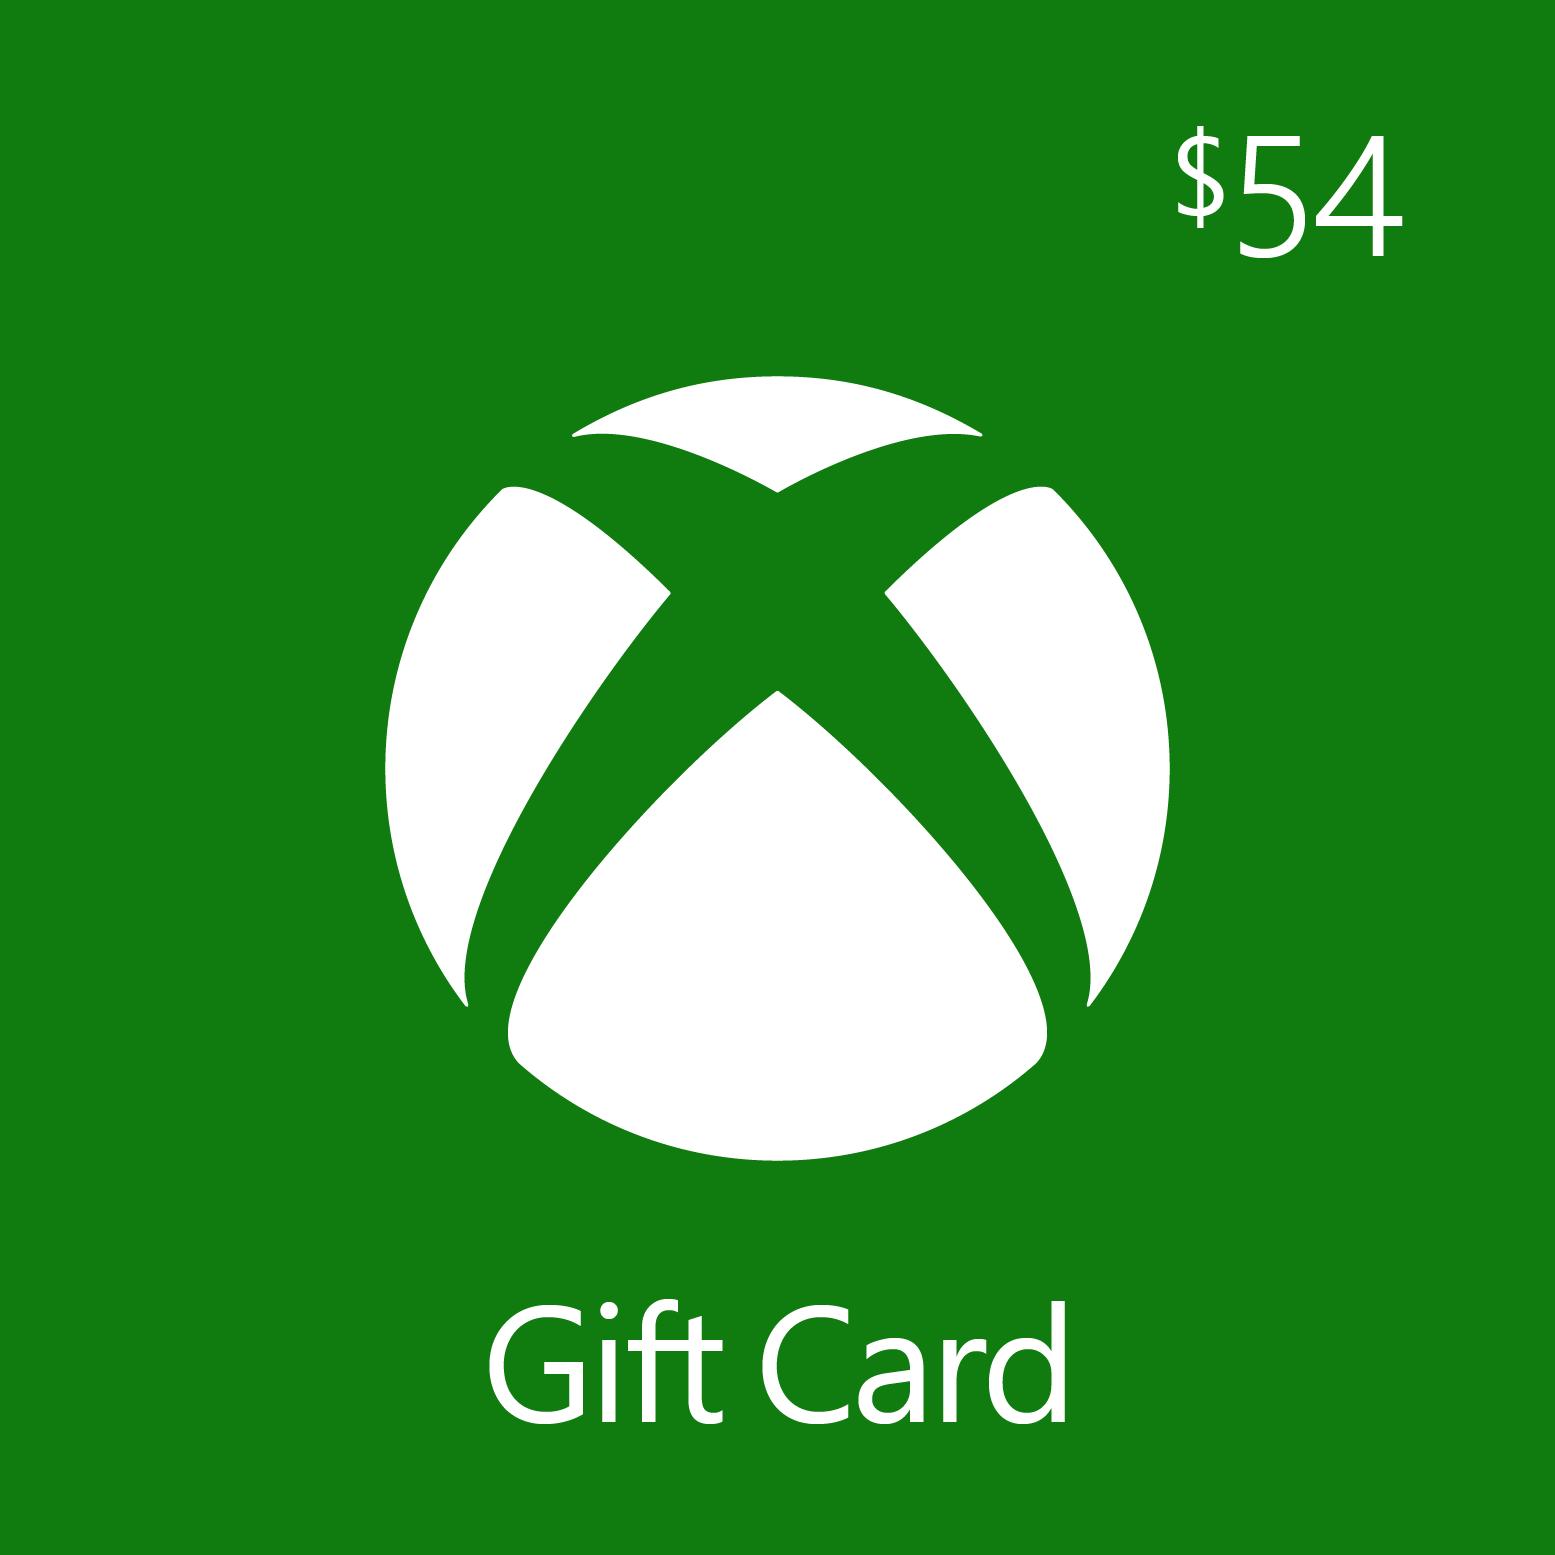 $54.00 Xbox Digital Gift Card